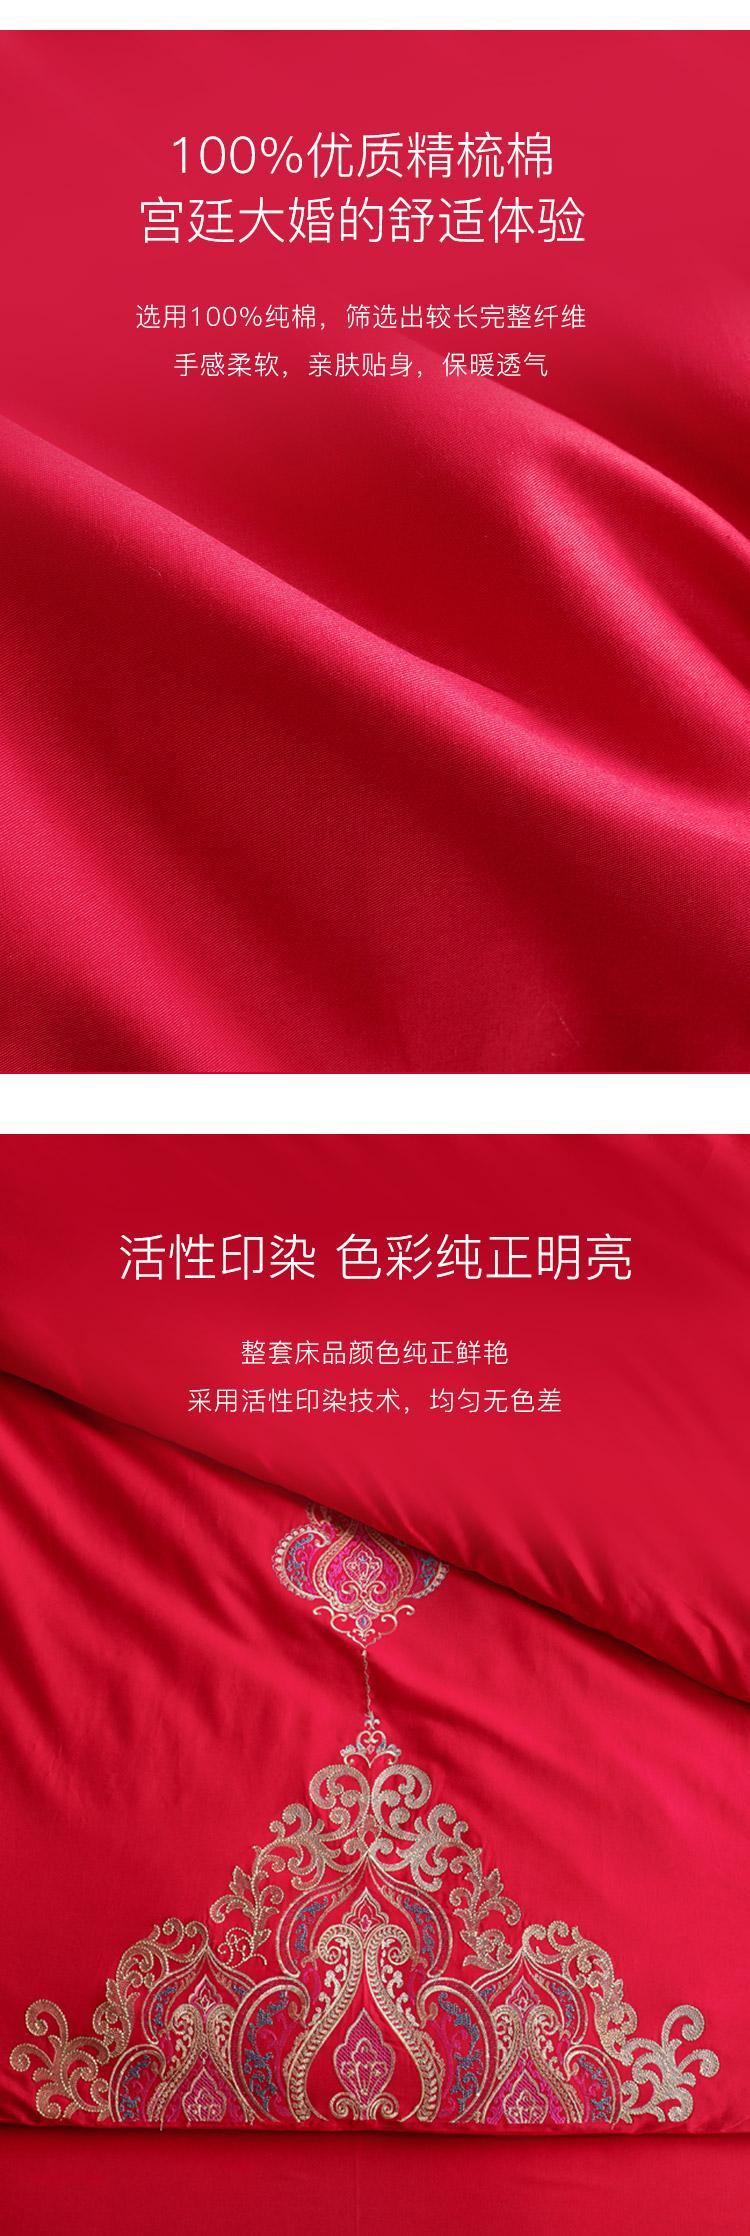 中式皇家婚礼婚嫁床品套装